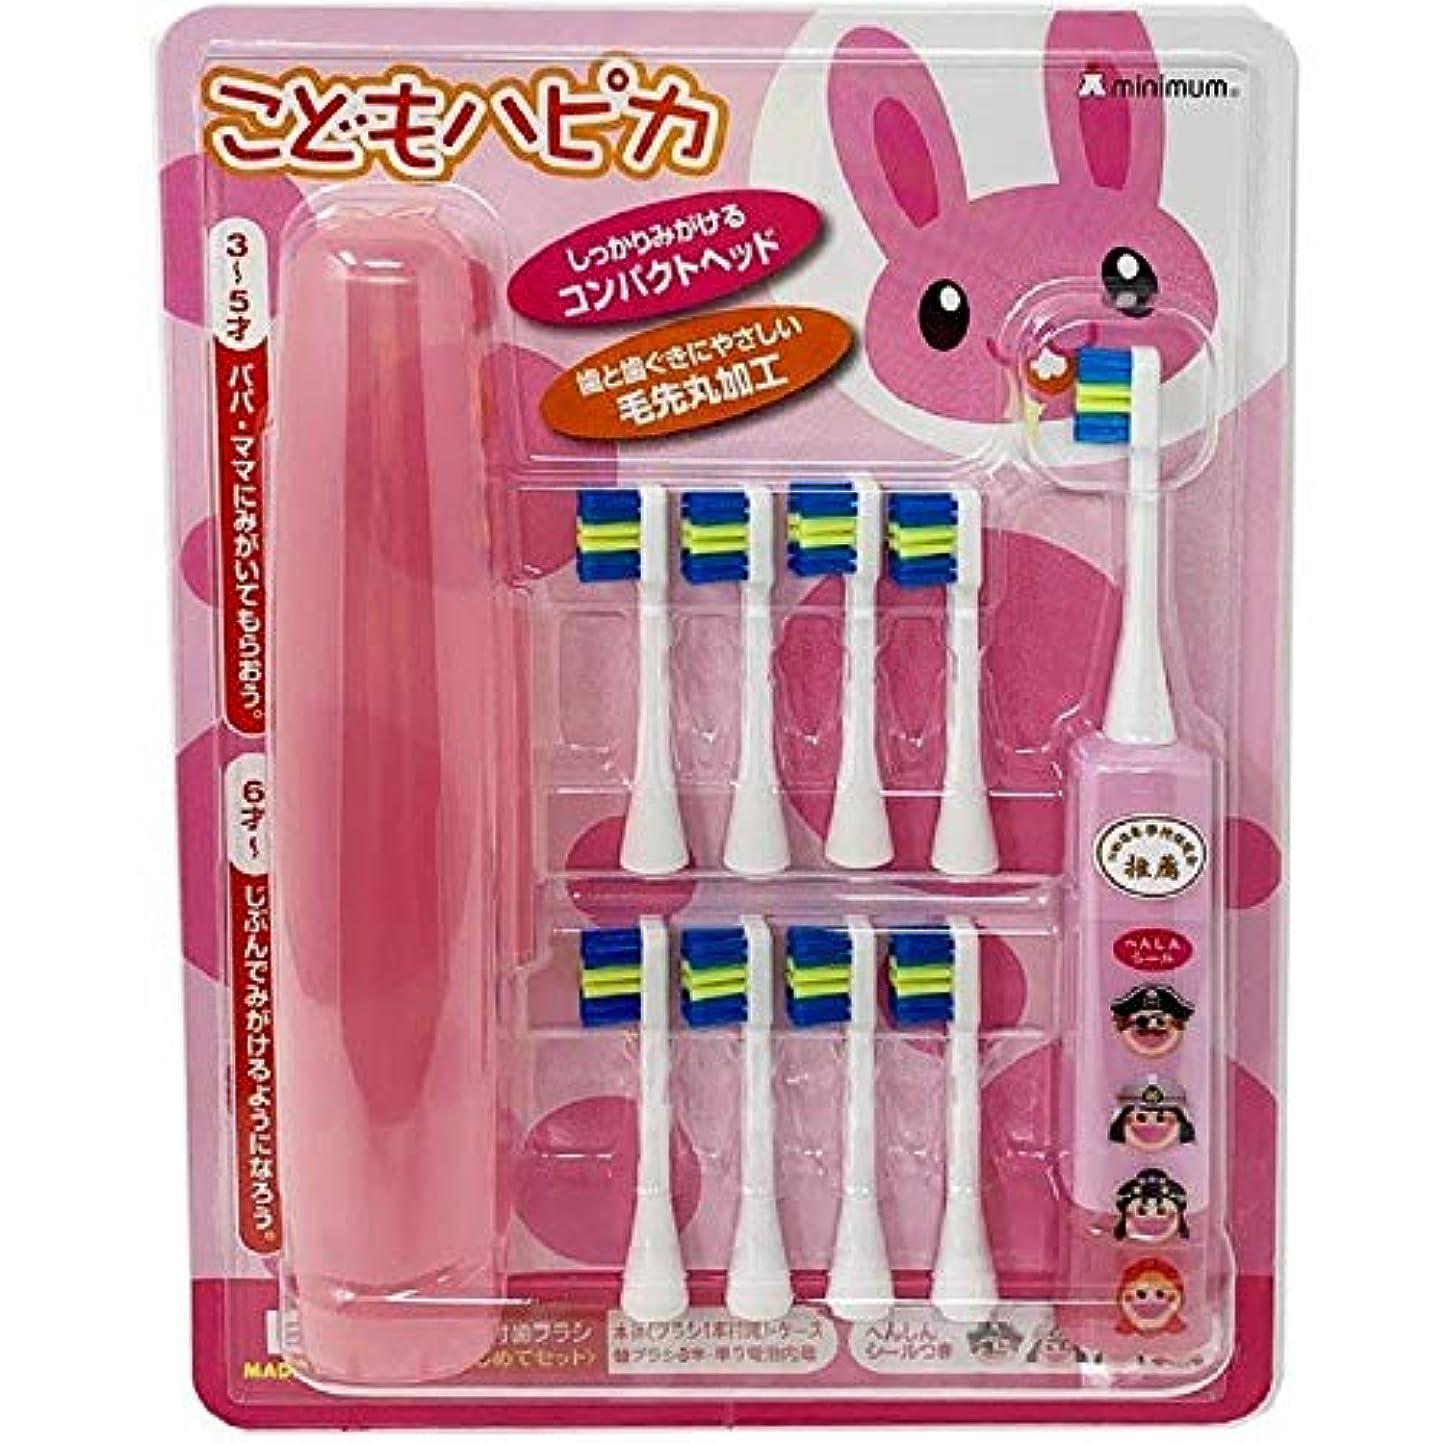 天使消毒剤勘違いするこどもハピカ電動歯ブラシセット (ピンク)